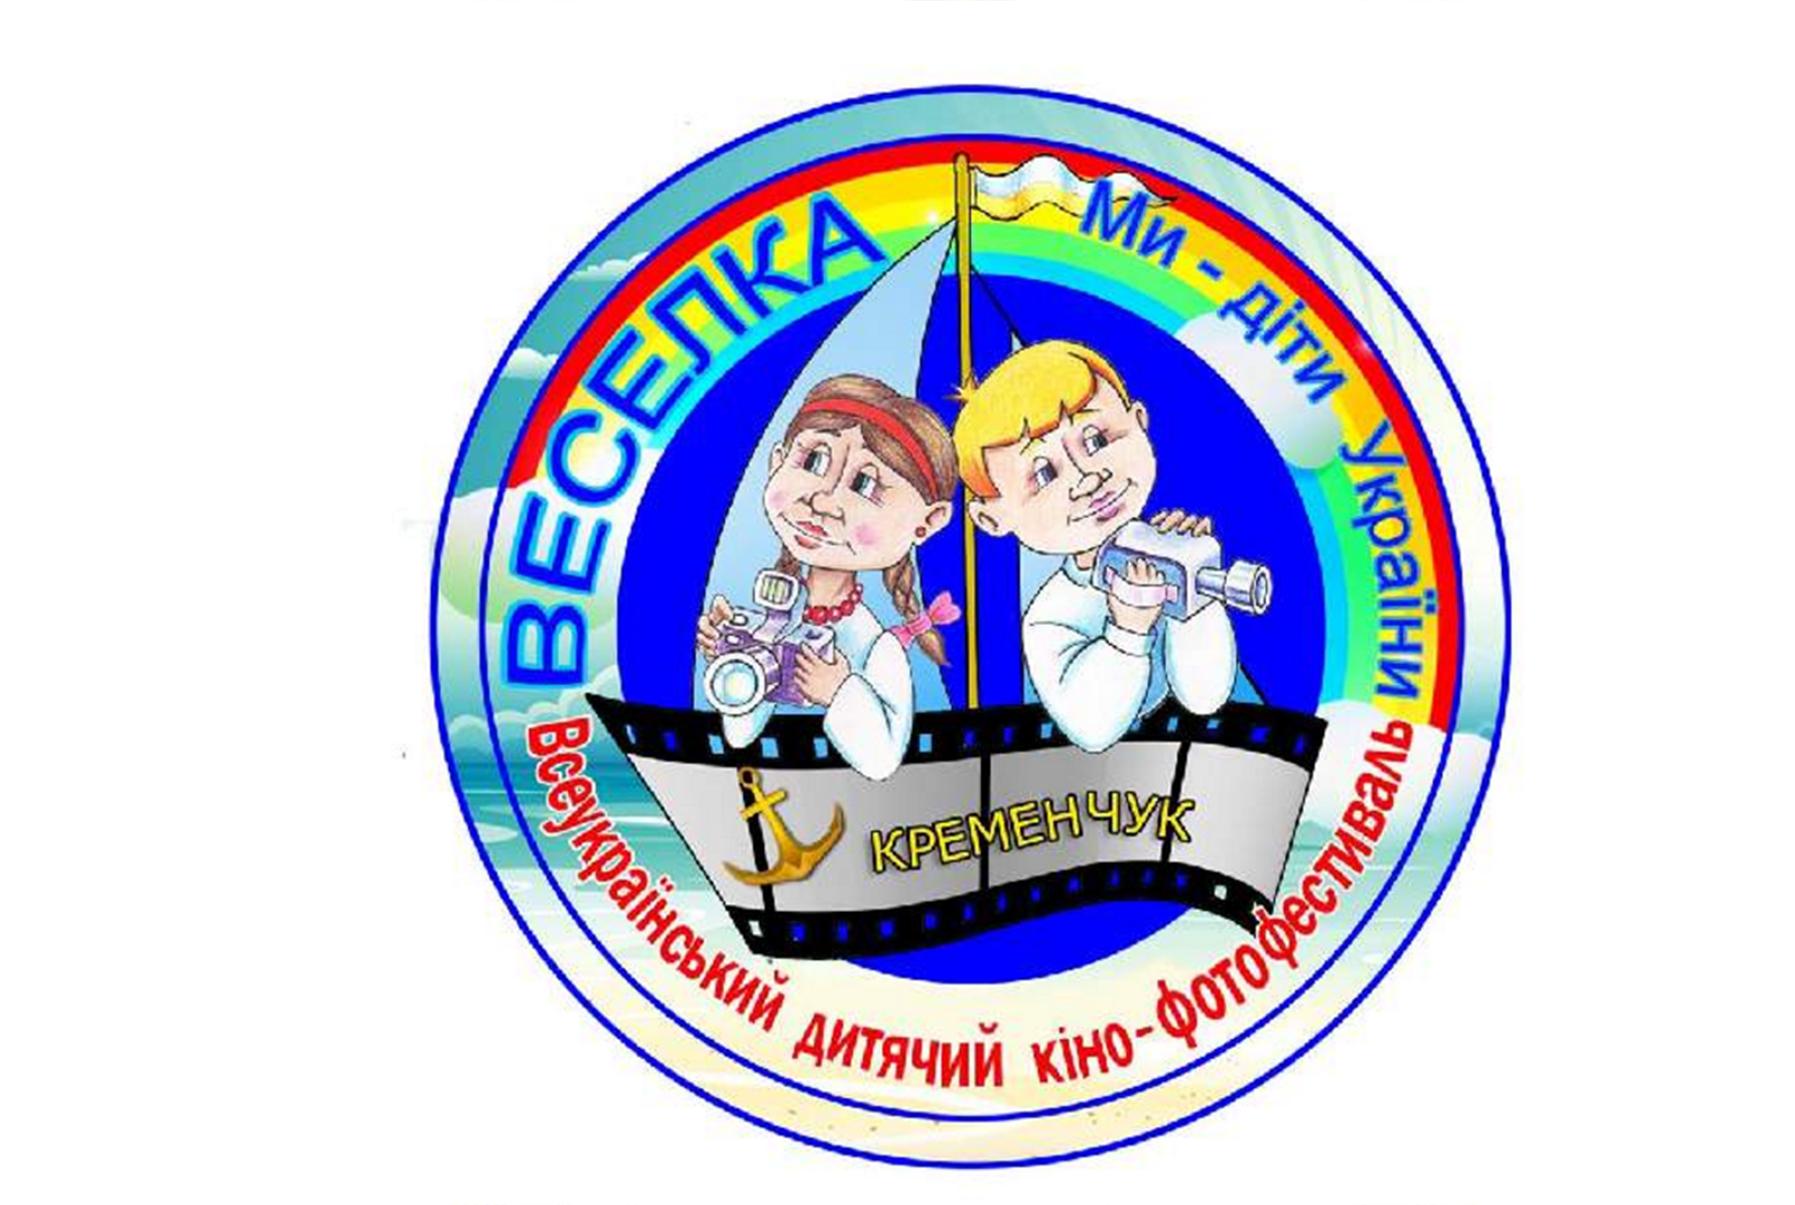 Всеукраїнський фестиваль дитячого кіно та телебачення 2017.